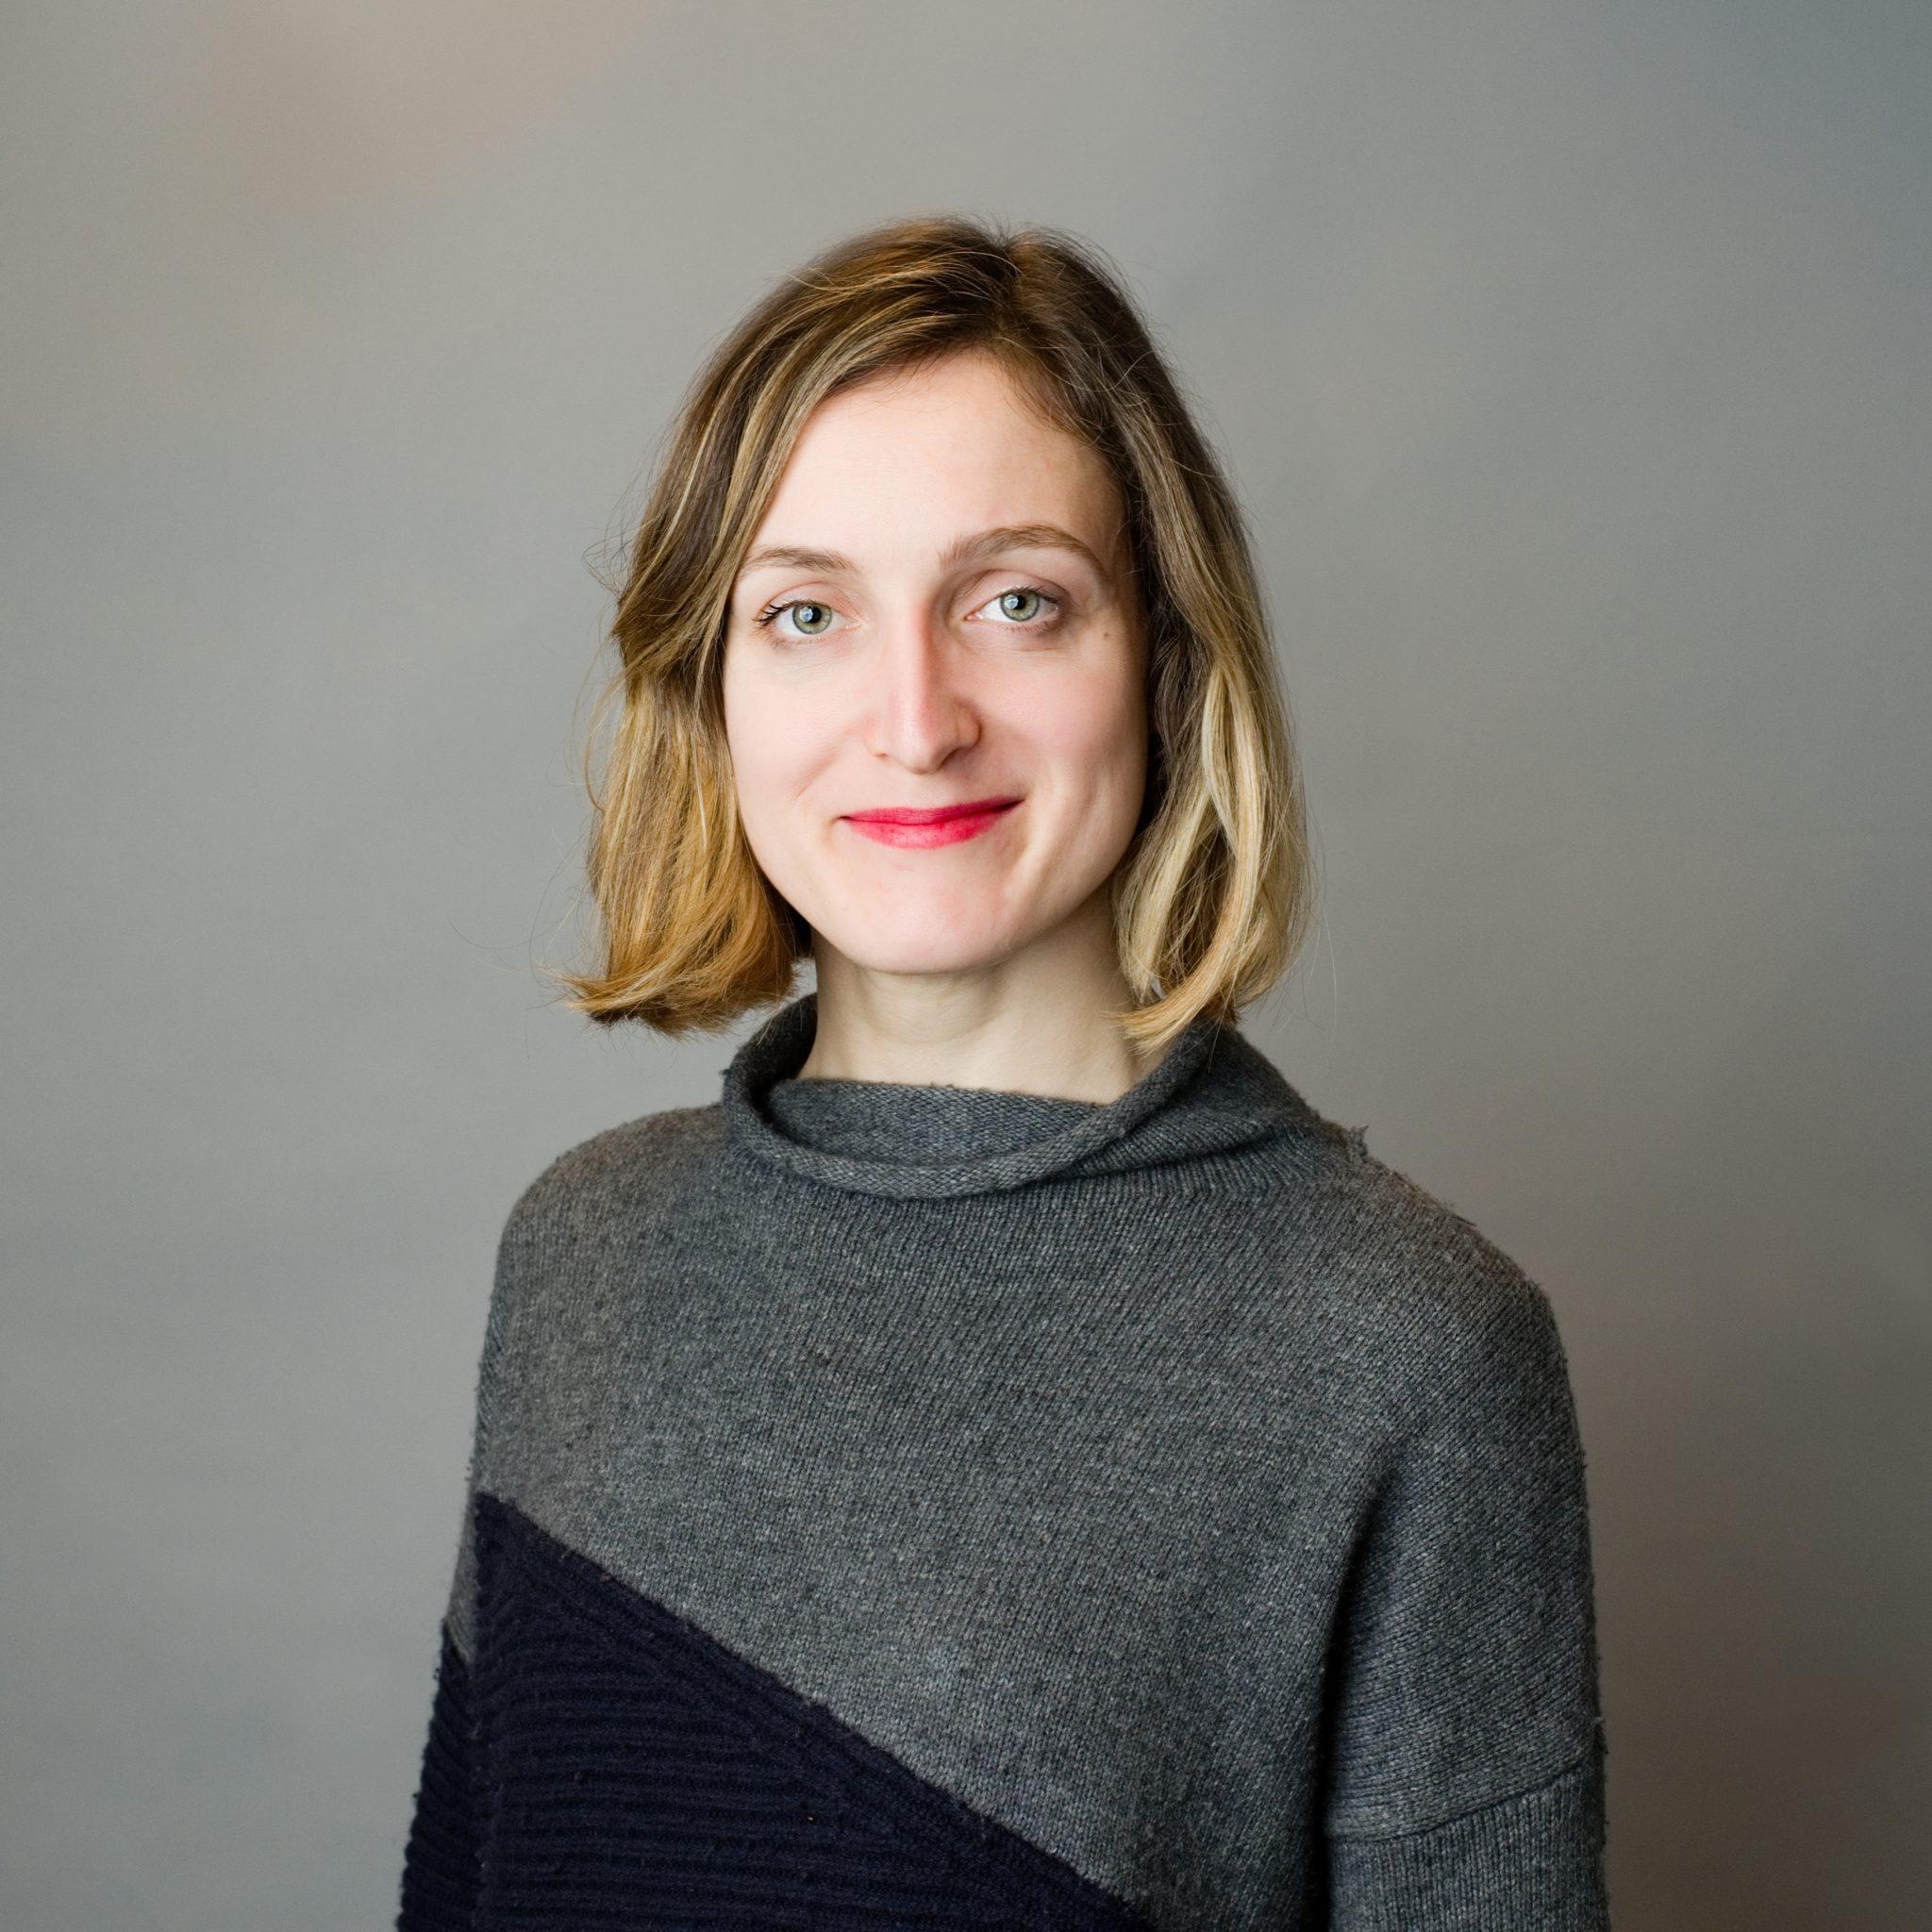 Cécile Guerin